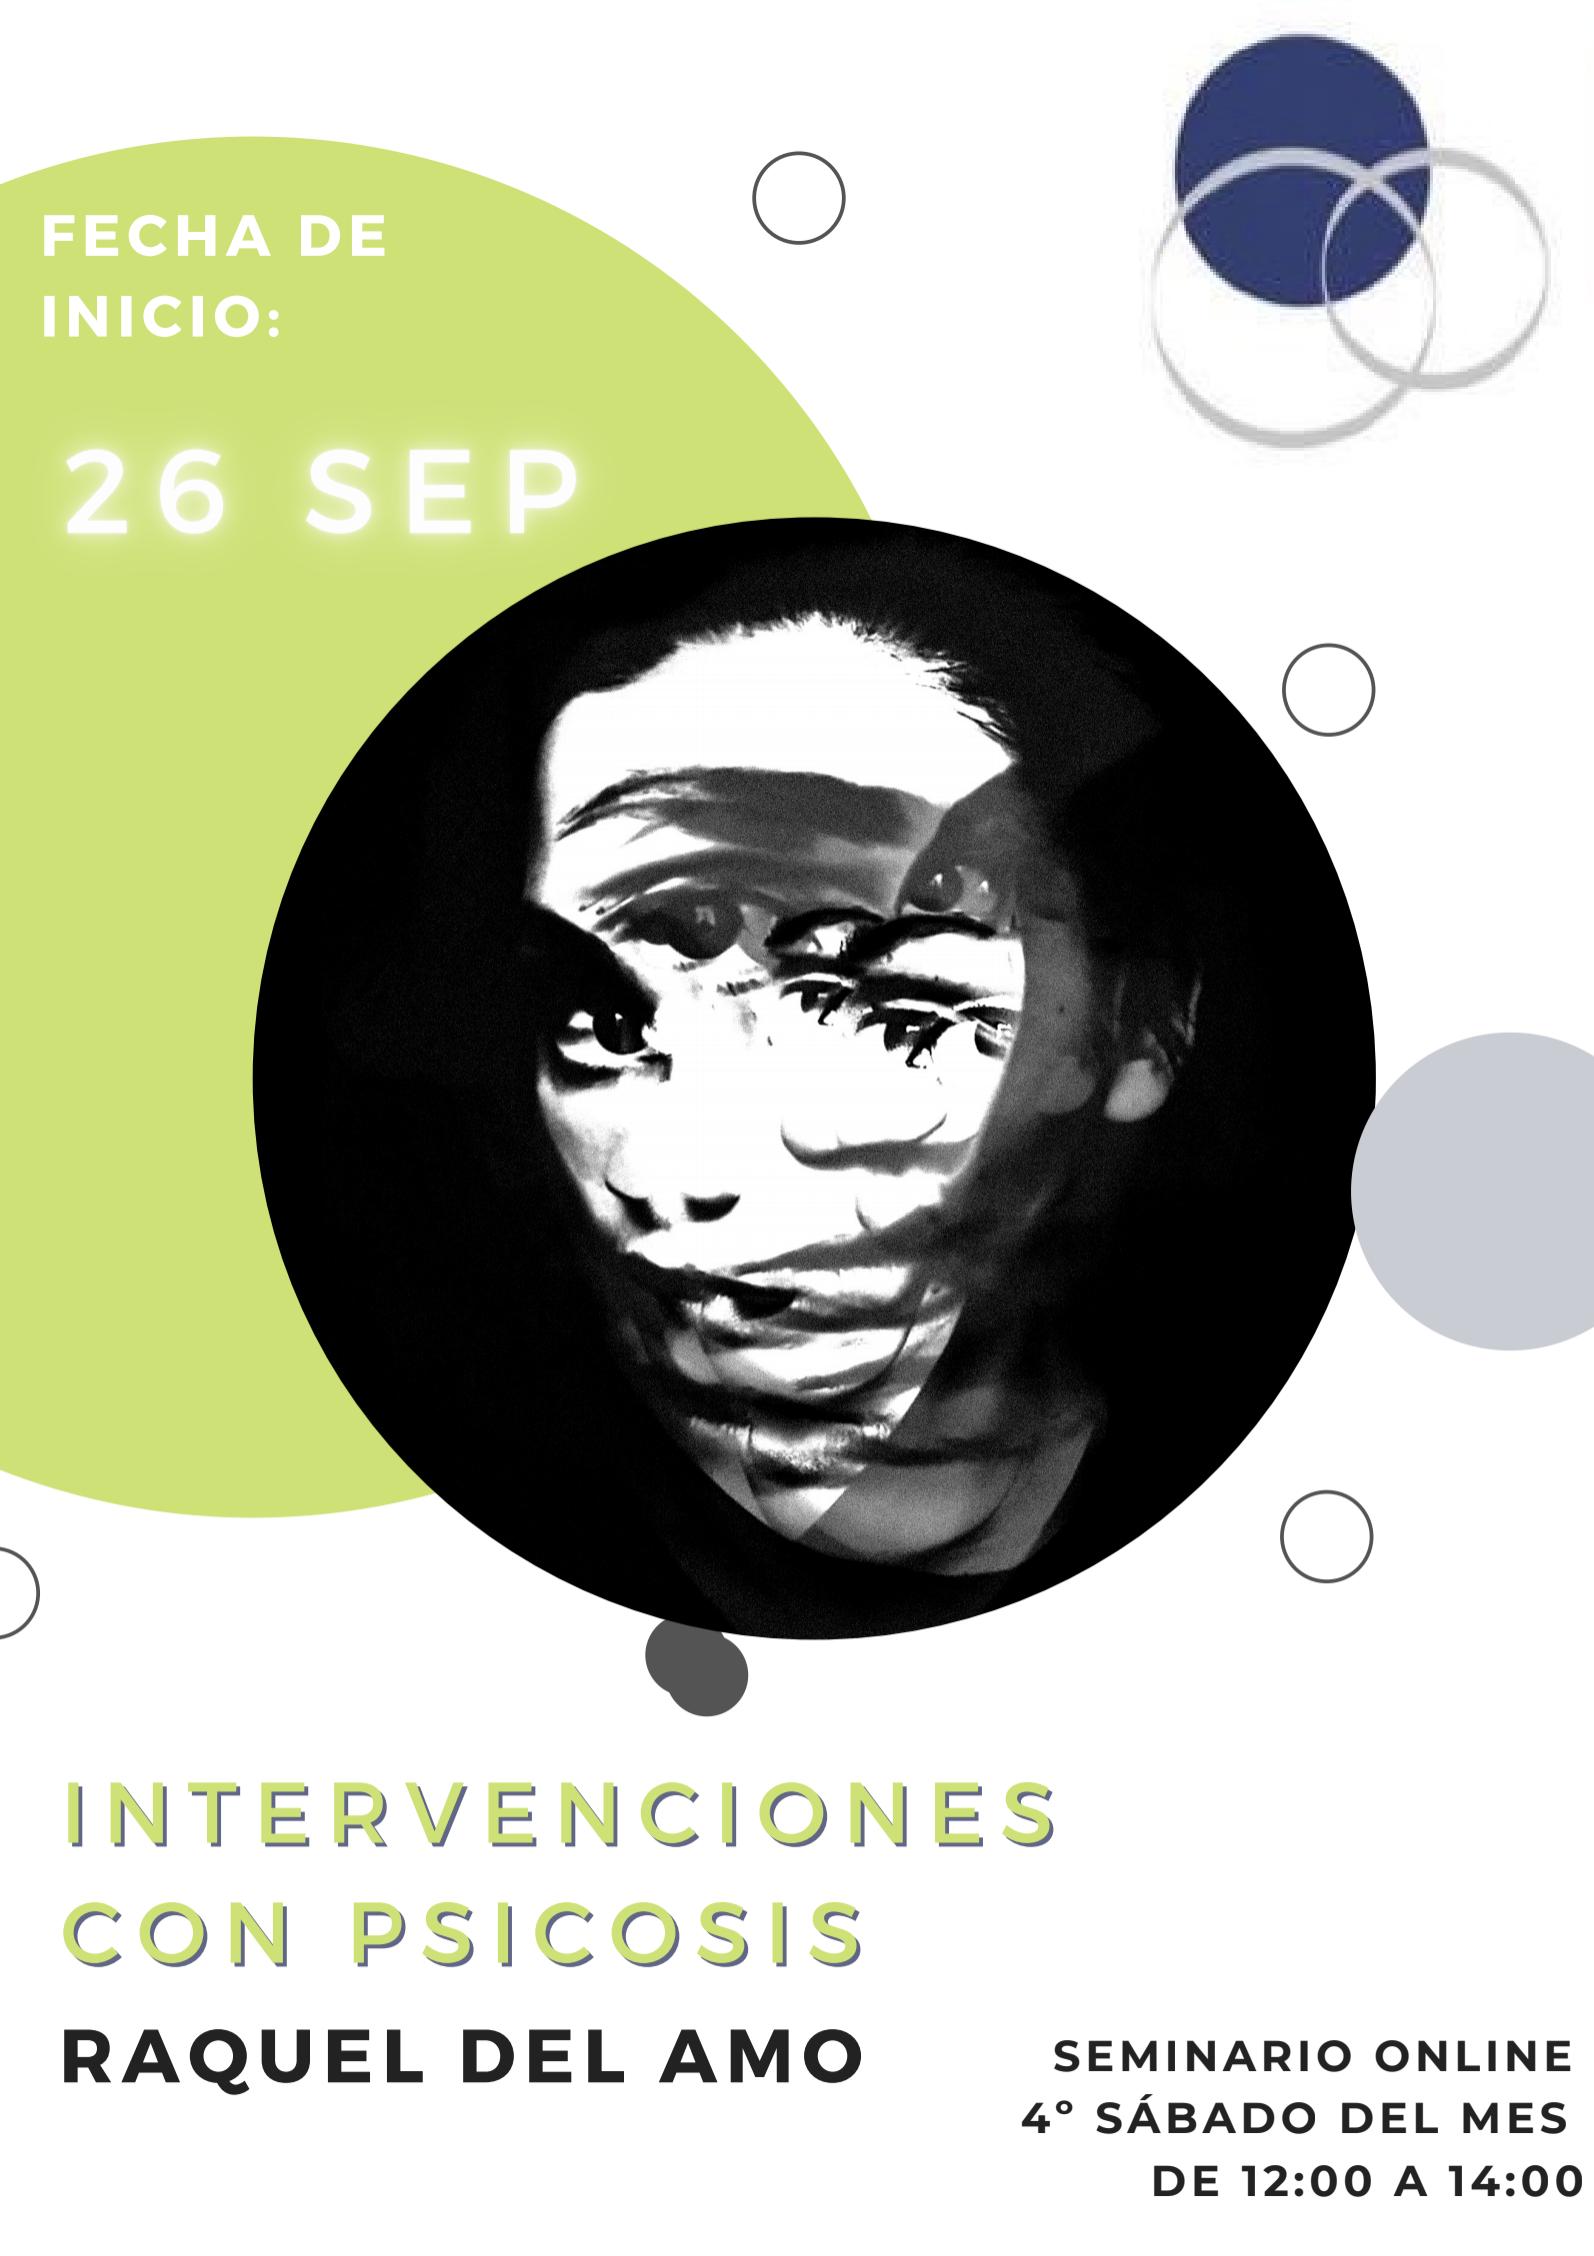 Seminario intervenciones con psicosis (Grupo 2 Perplejidad). Raquel del Amo